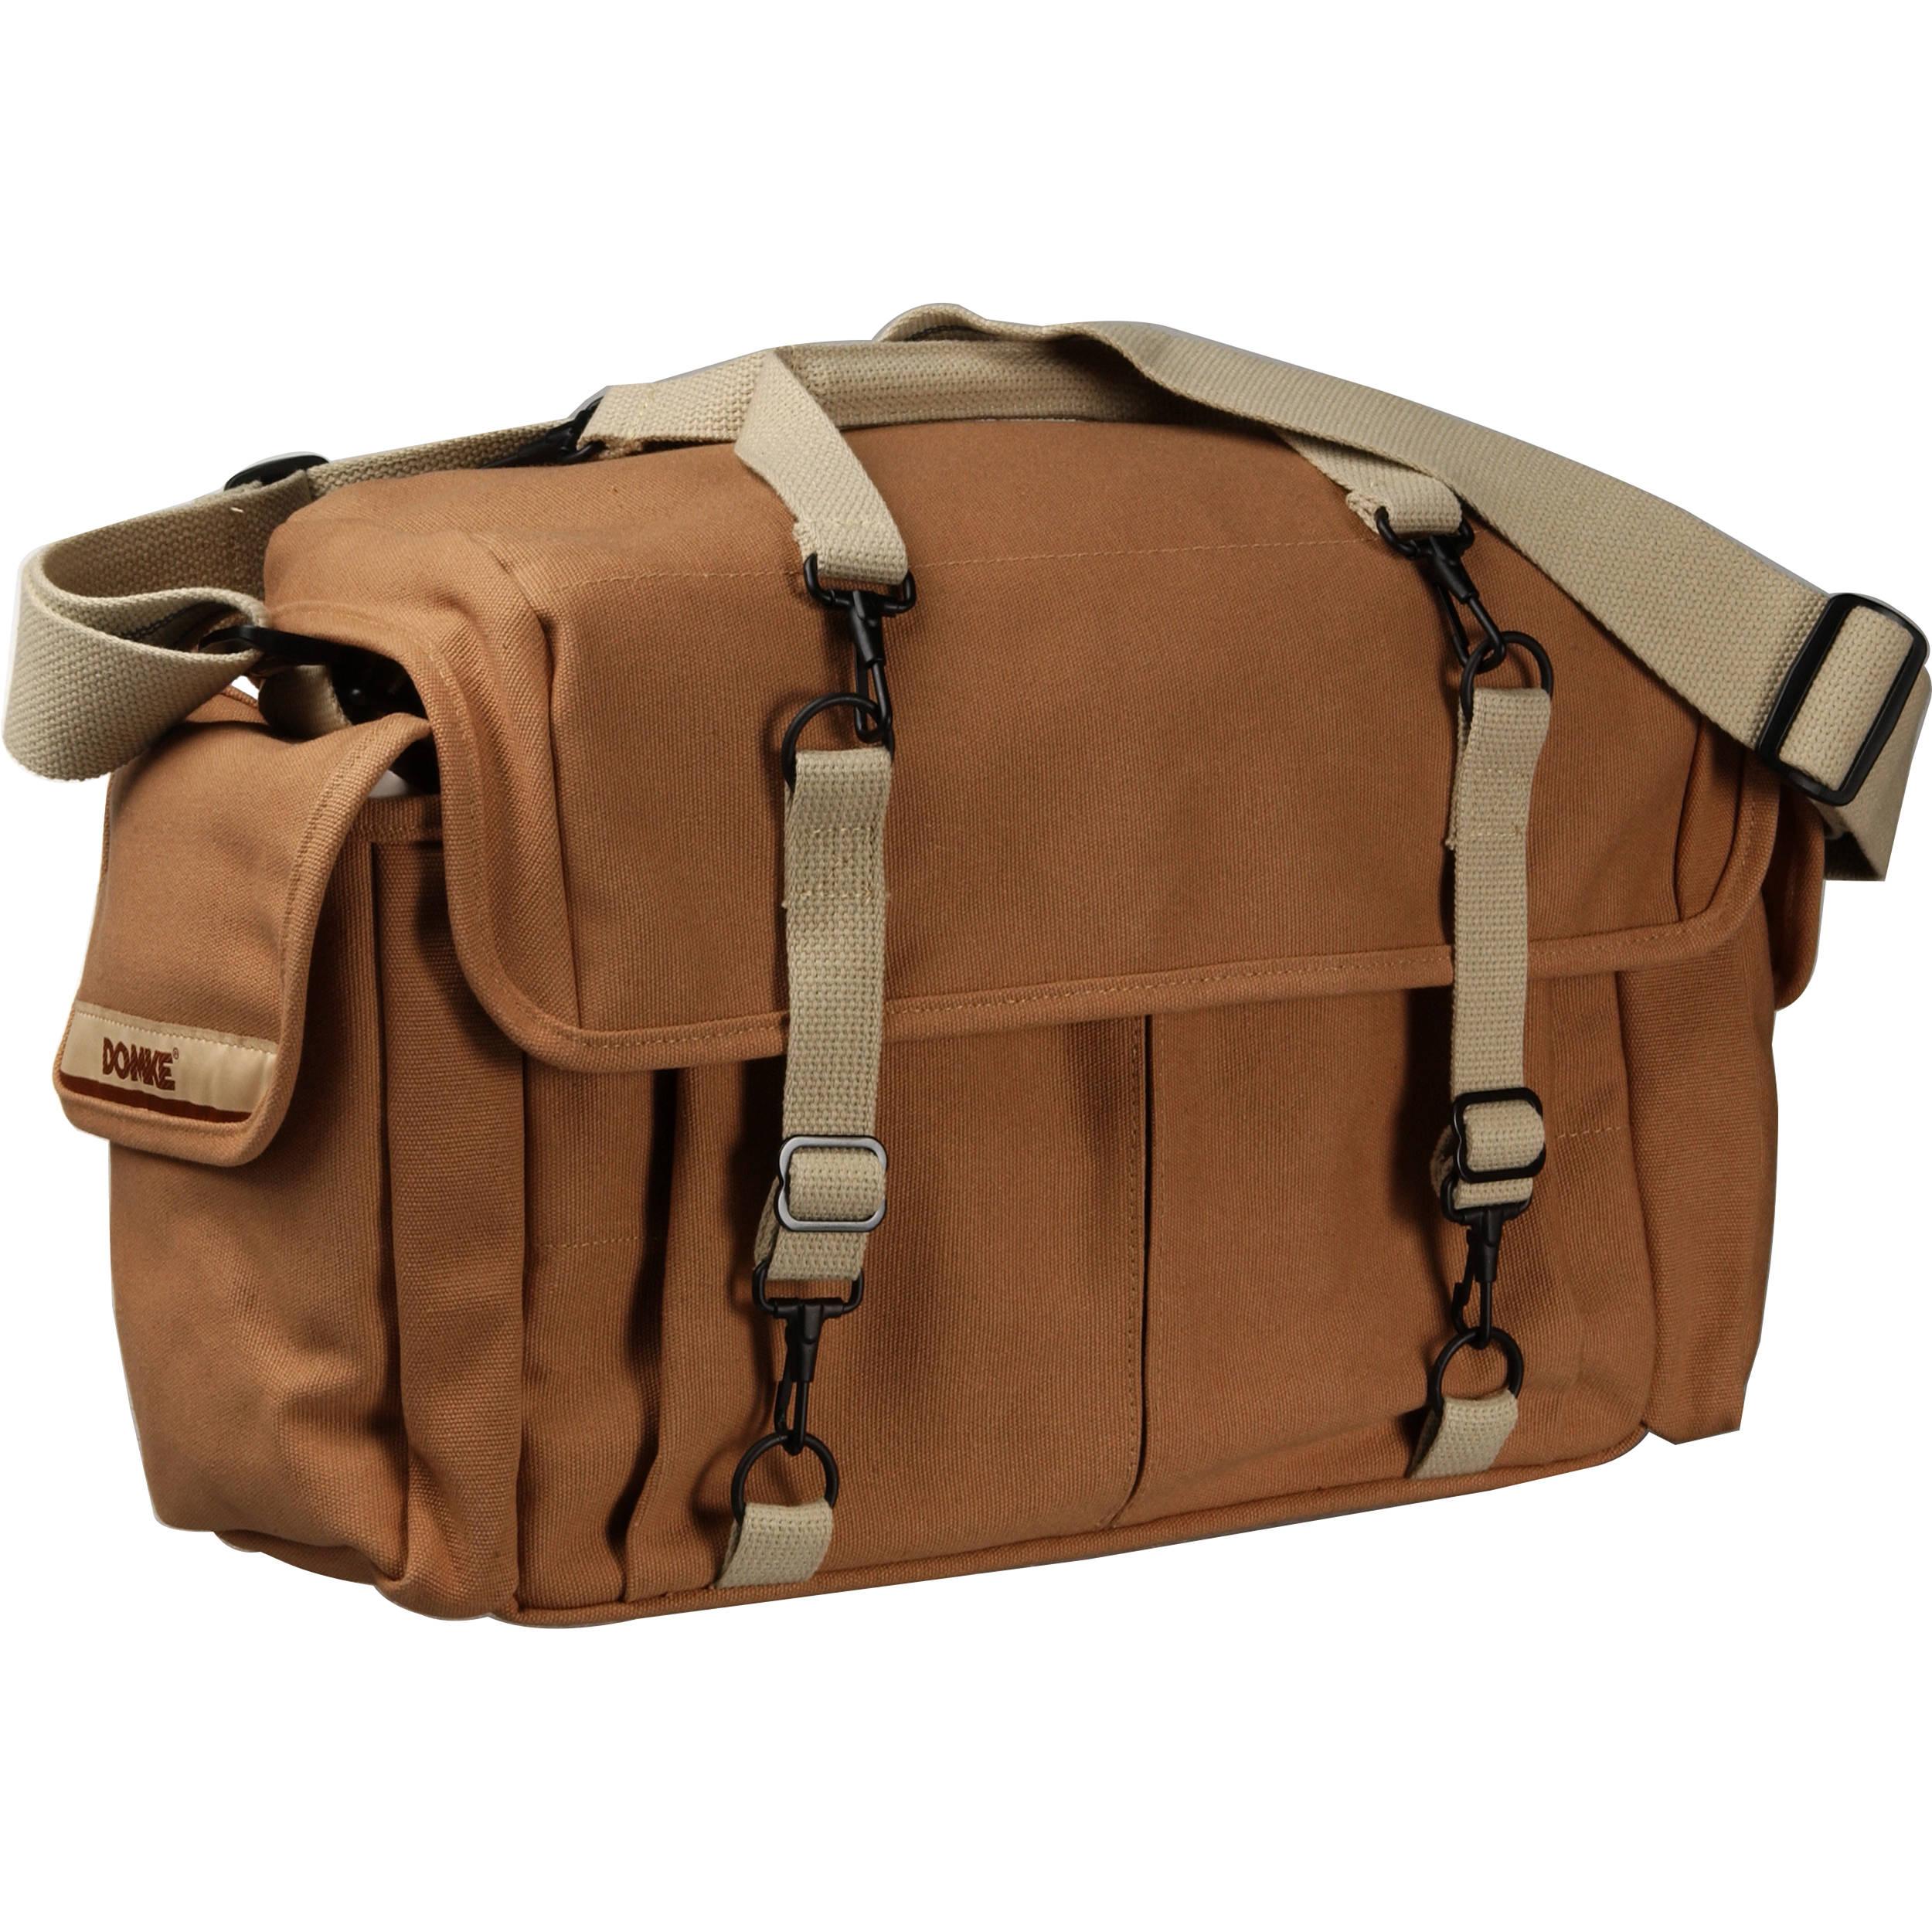 Domke F 2 Original Shoulder Bag Sand